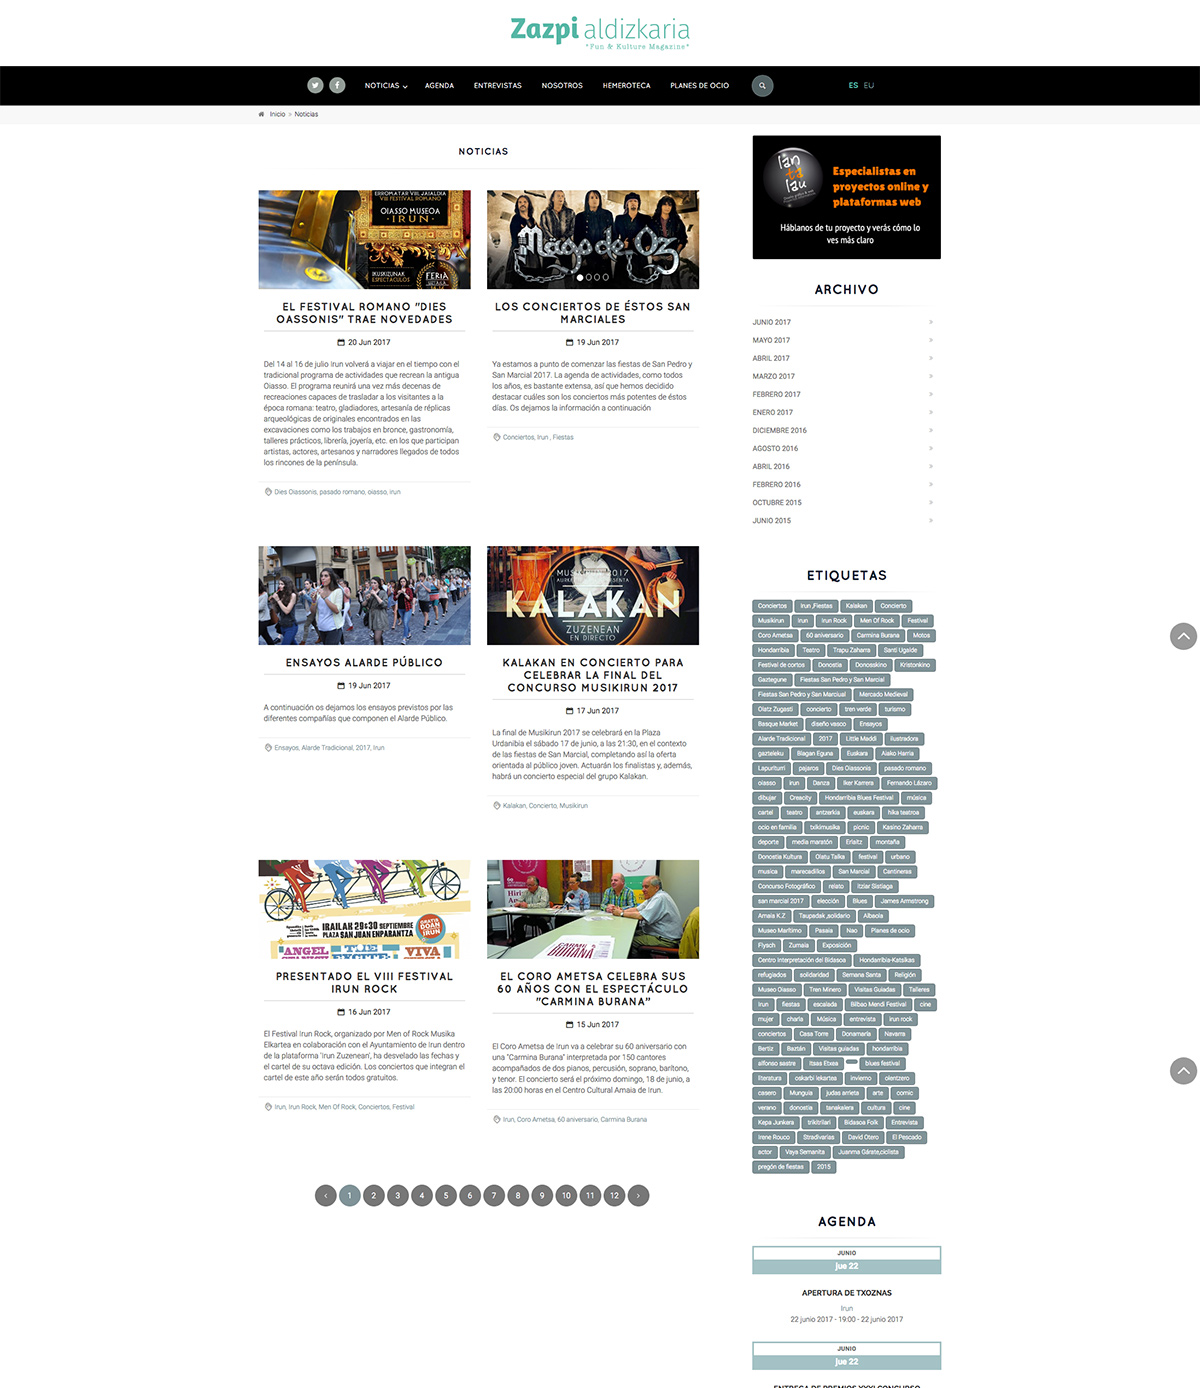 Revista online Zazpi Aldizkaria